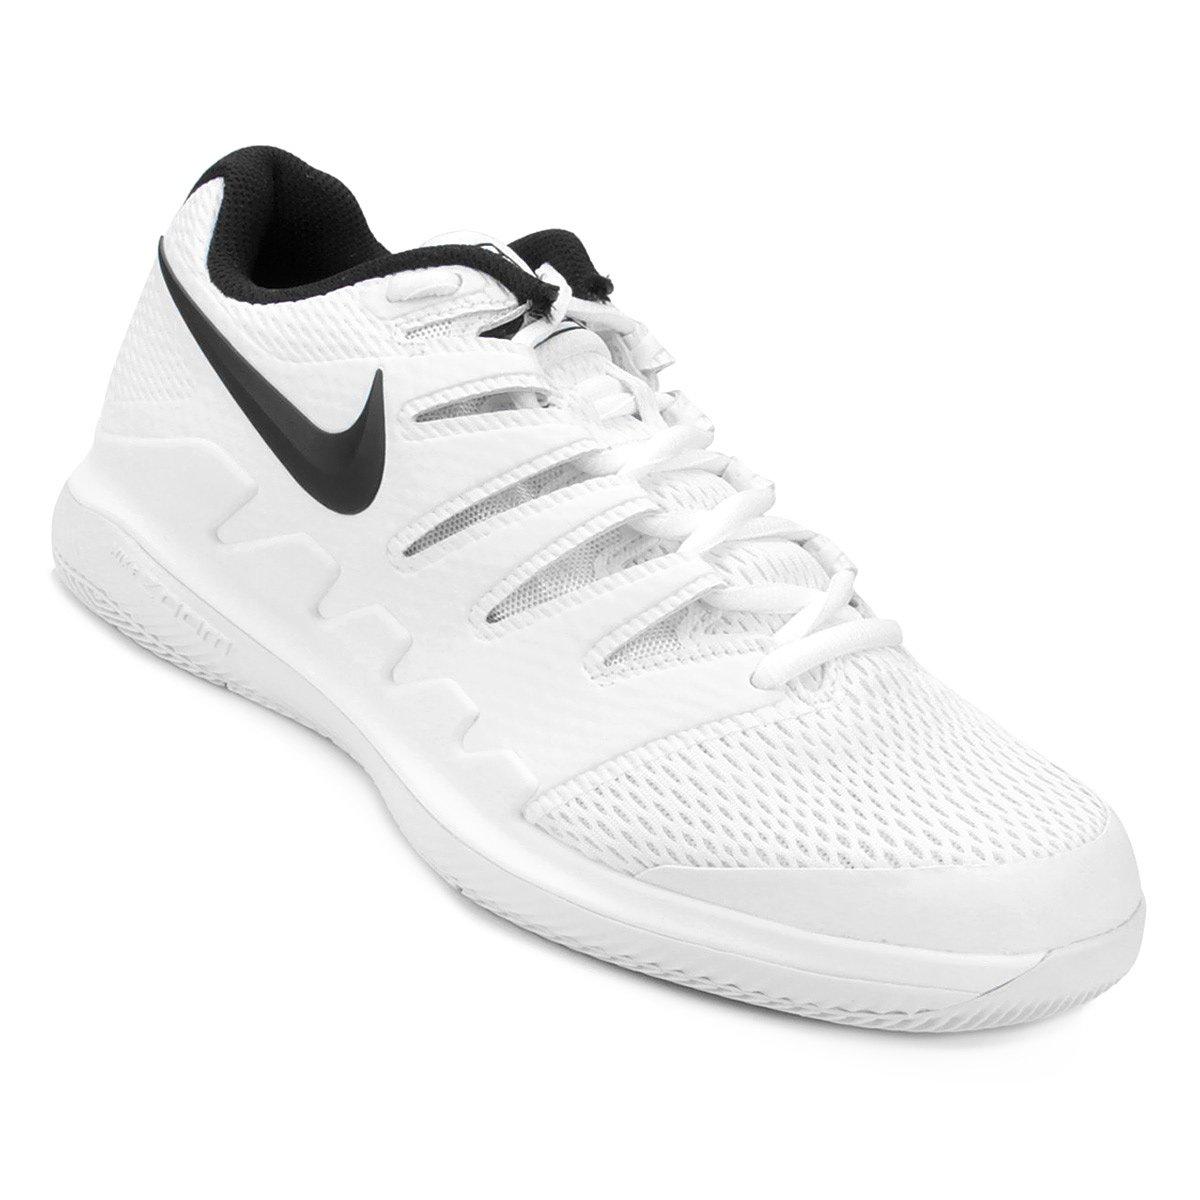 75f6d770a69 Tênis Nike Air Zoom Vapor X HC Masculino - Branco e Preto - Compre Agora